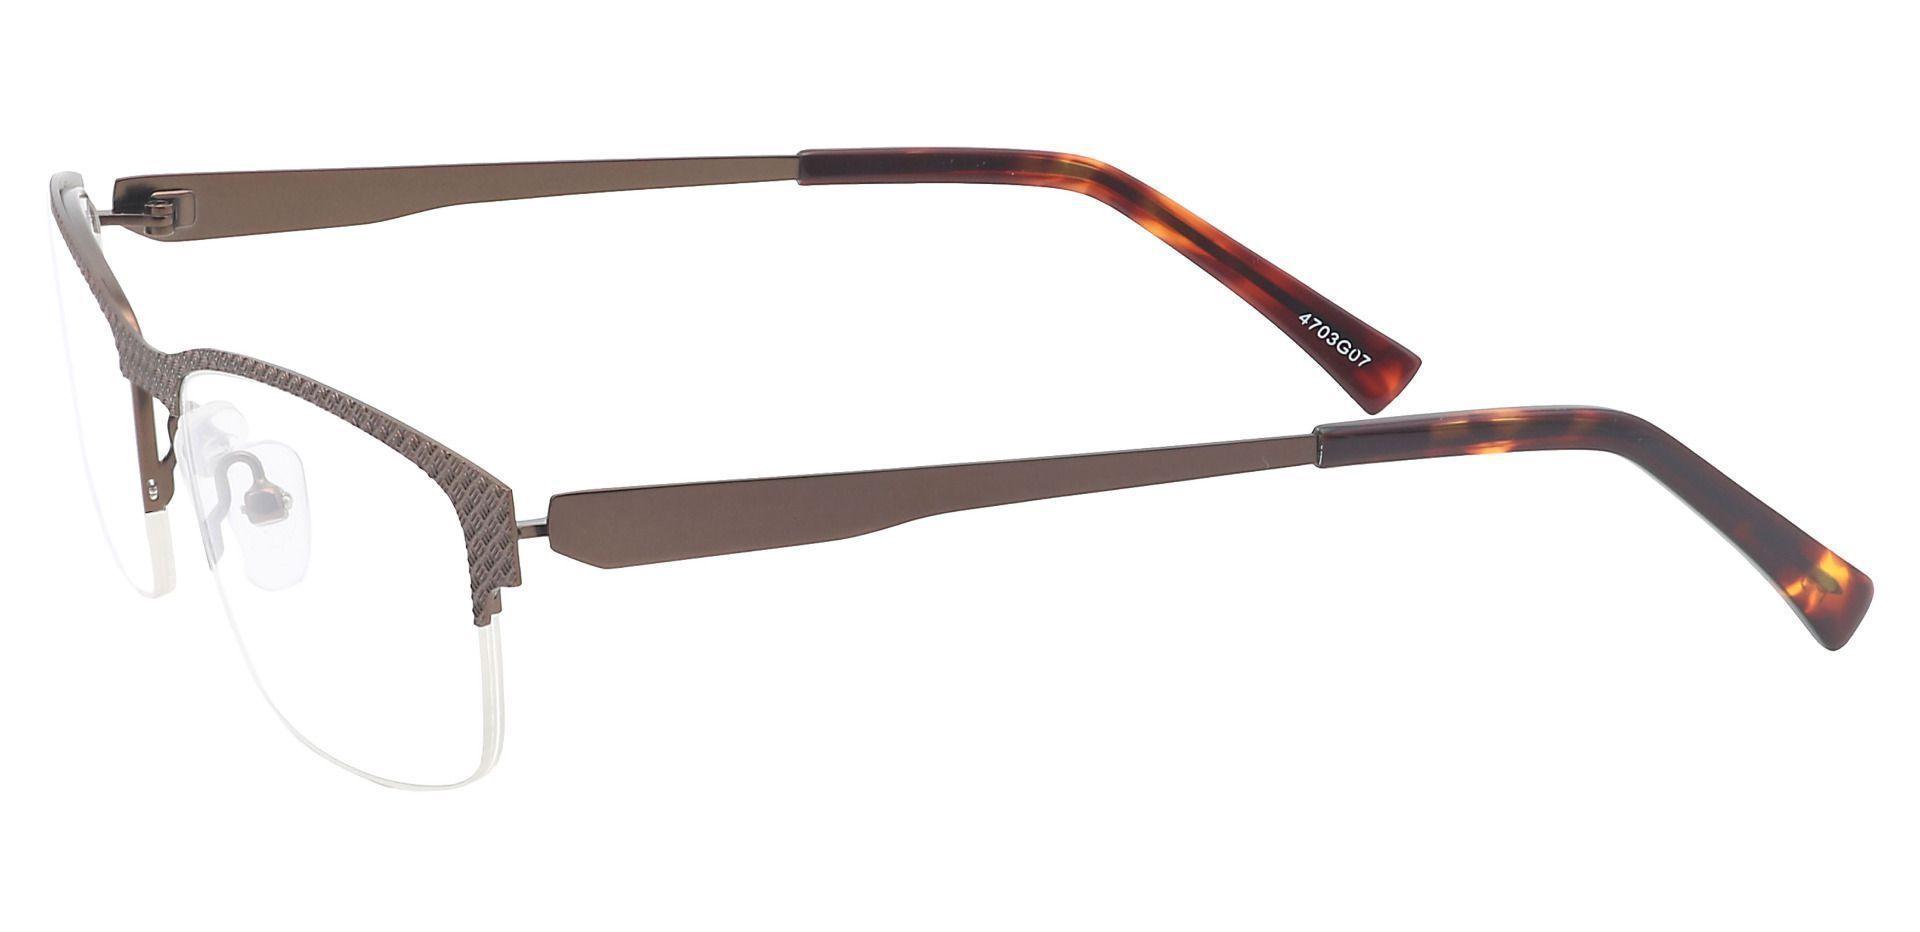 Bret Rectangle Blue Light Blocking Glasses - Brown